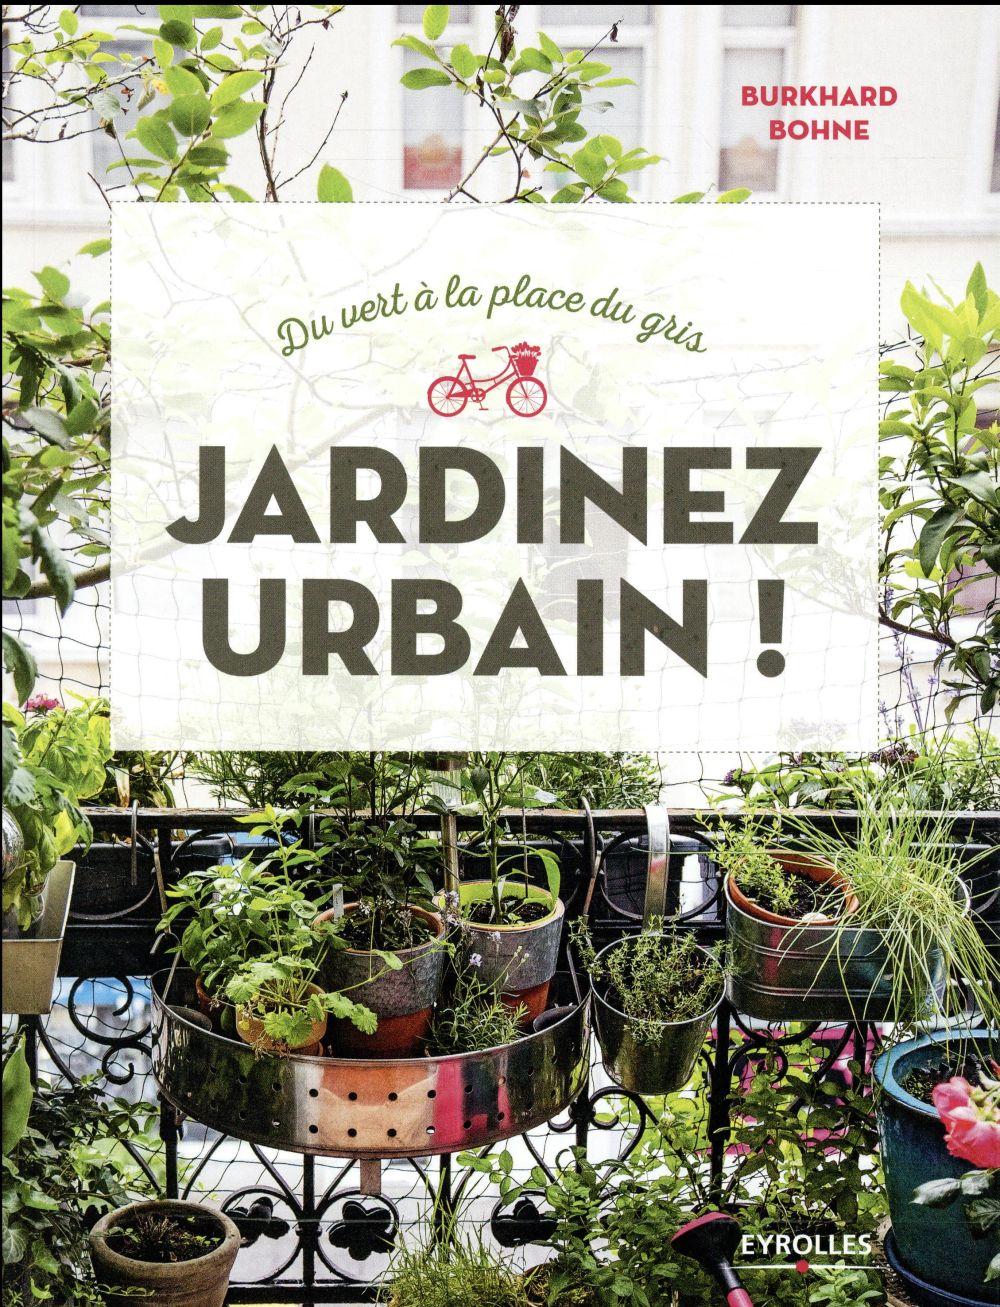 JARDINEZ URBAIN